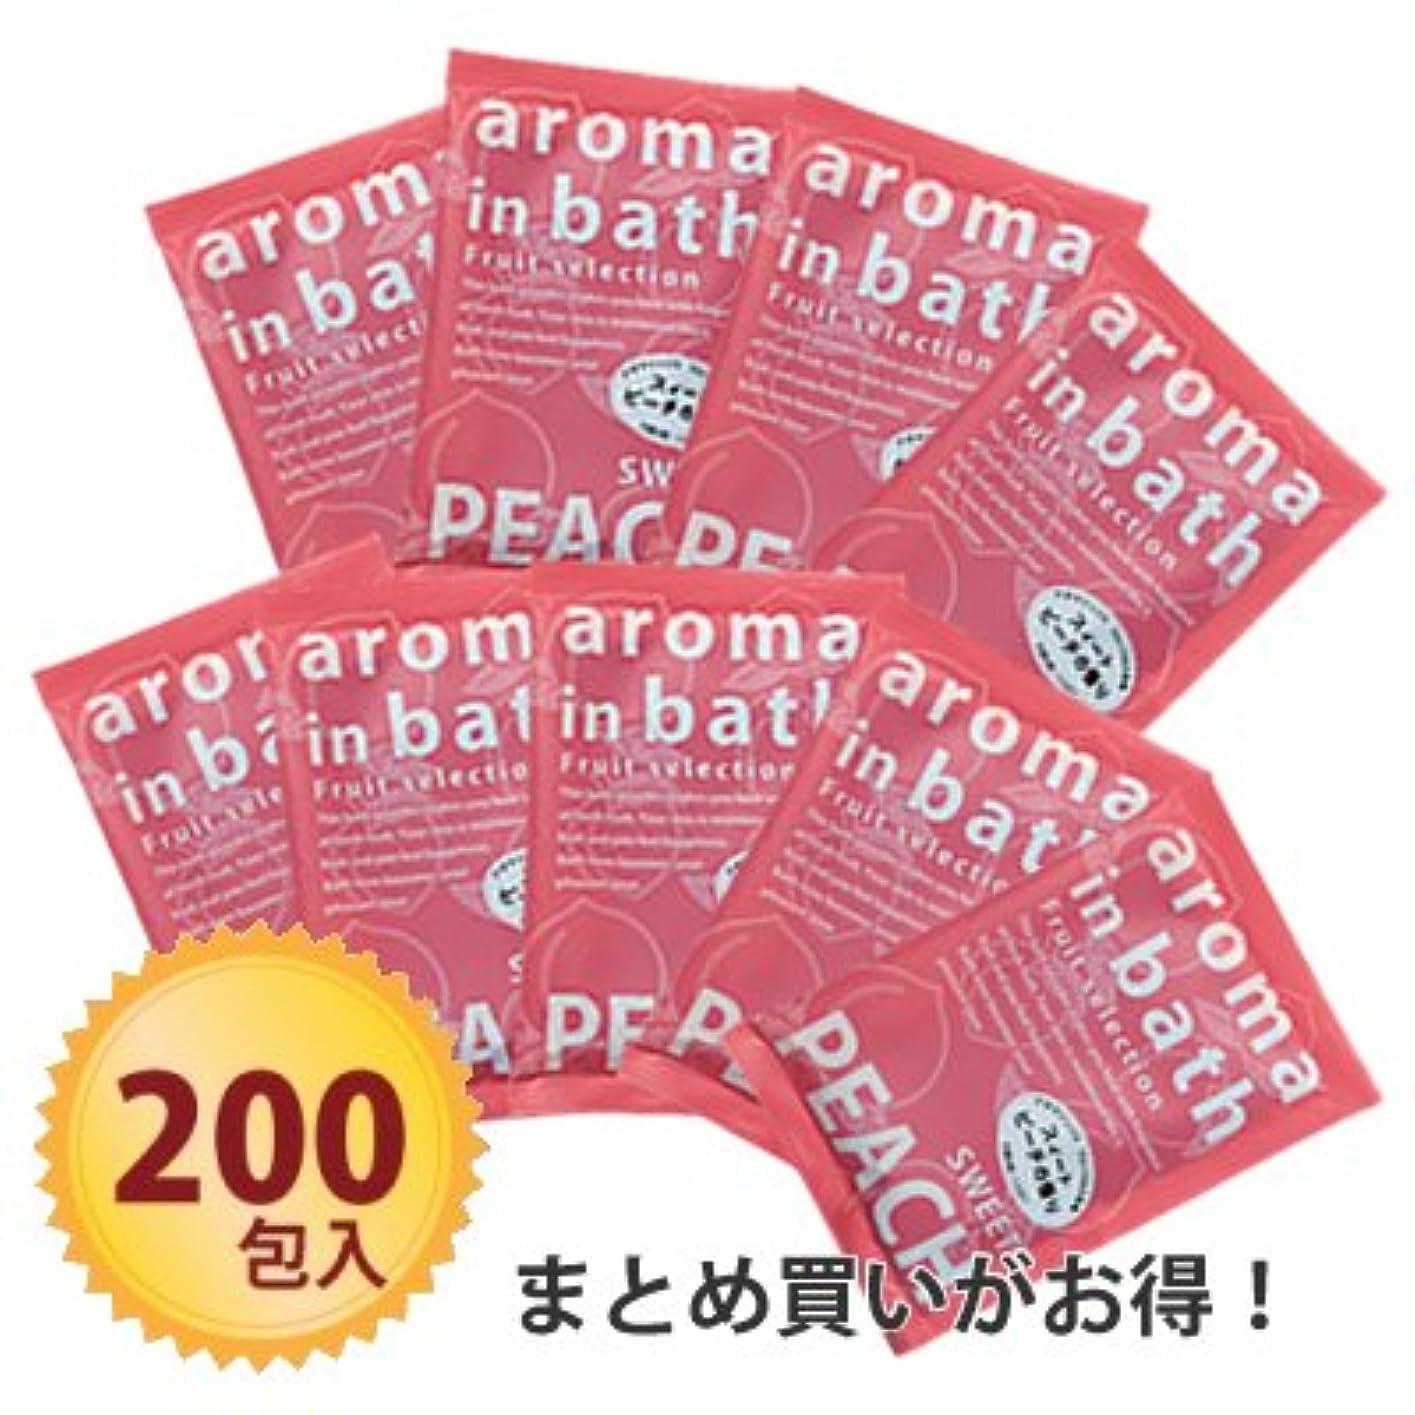 メディカル病院機械粉体入浴料 アロマインバス25g スイートピーチ ×200個